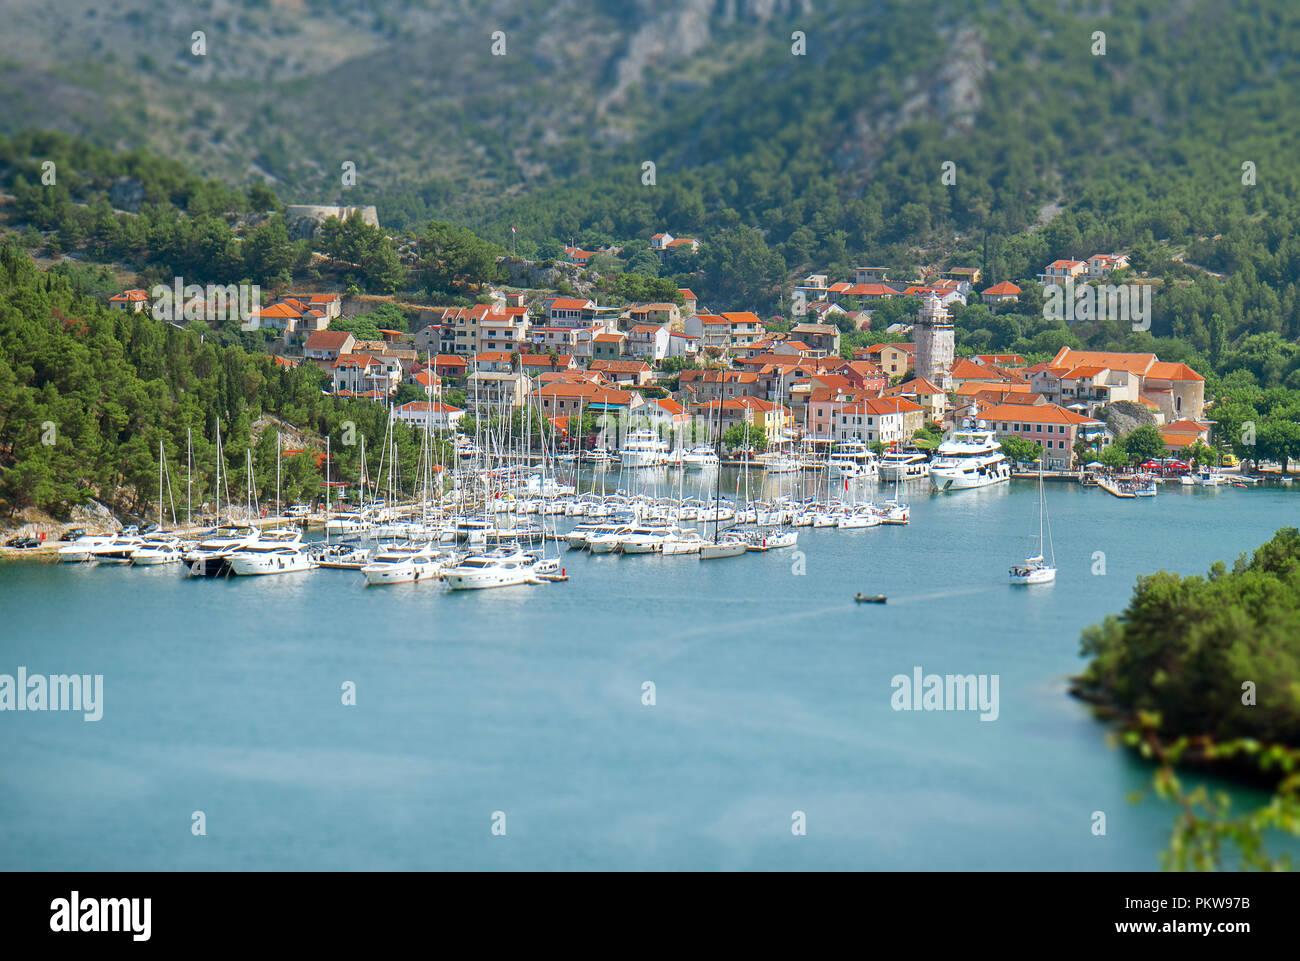 Skradin Stadt und Bucht mit Schiffe und Yachten in Kroatien. Stockfoto